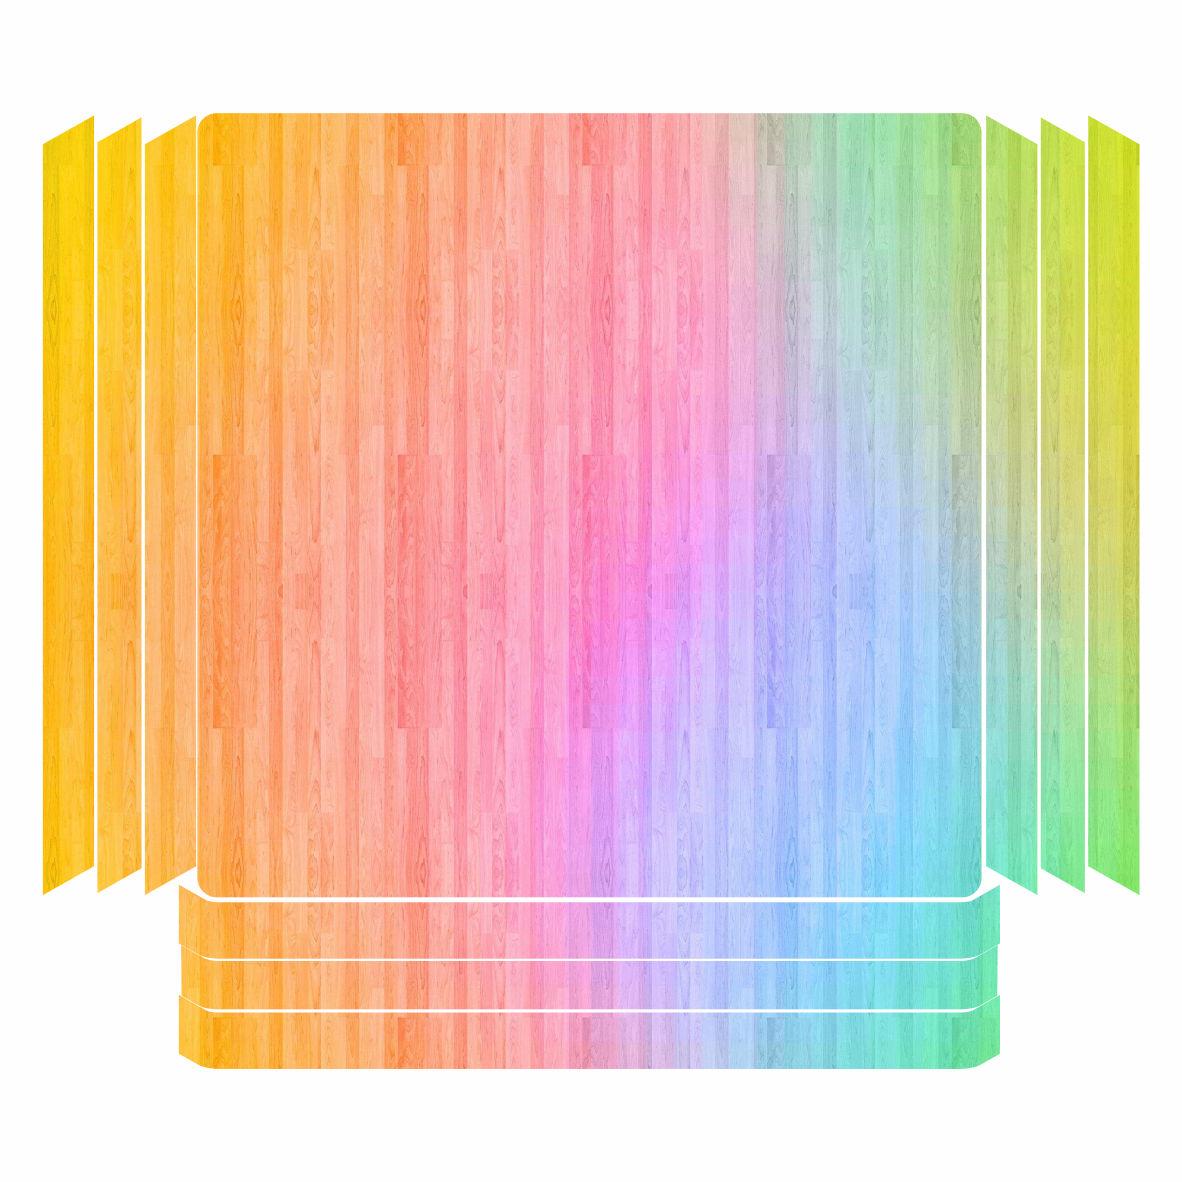 خرید اینترنتی [با تخفیف] برچسب پلی استیشن ۴ پرو مدل رنگارنگ اورجینال